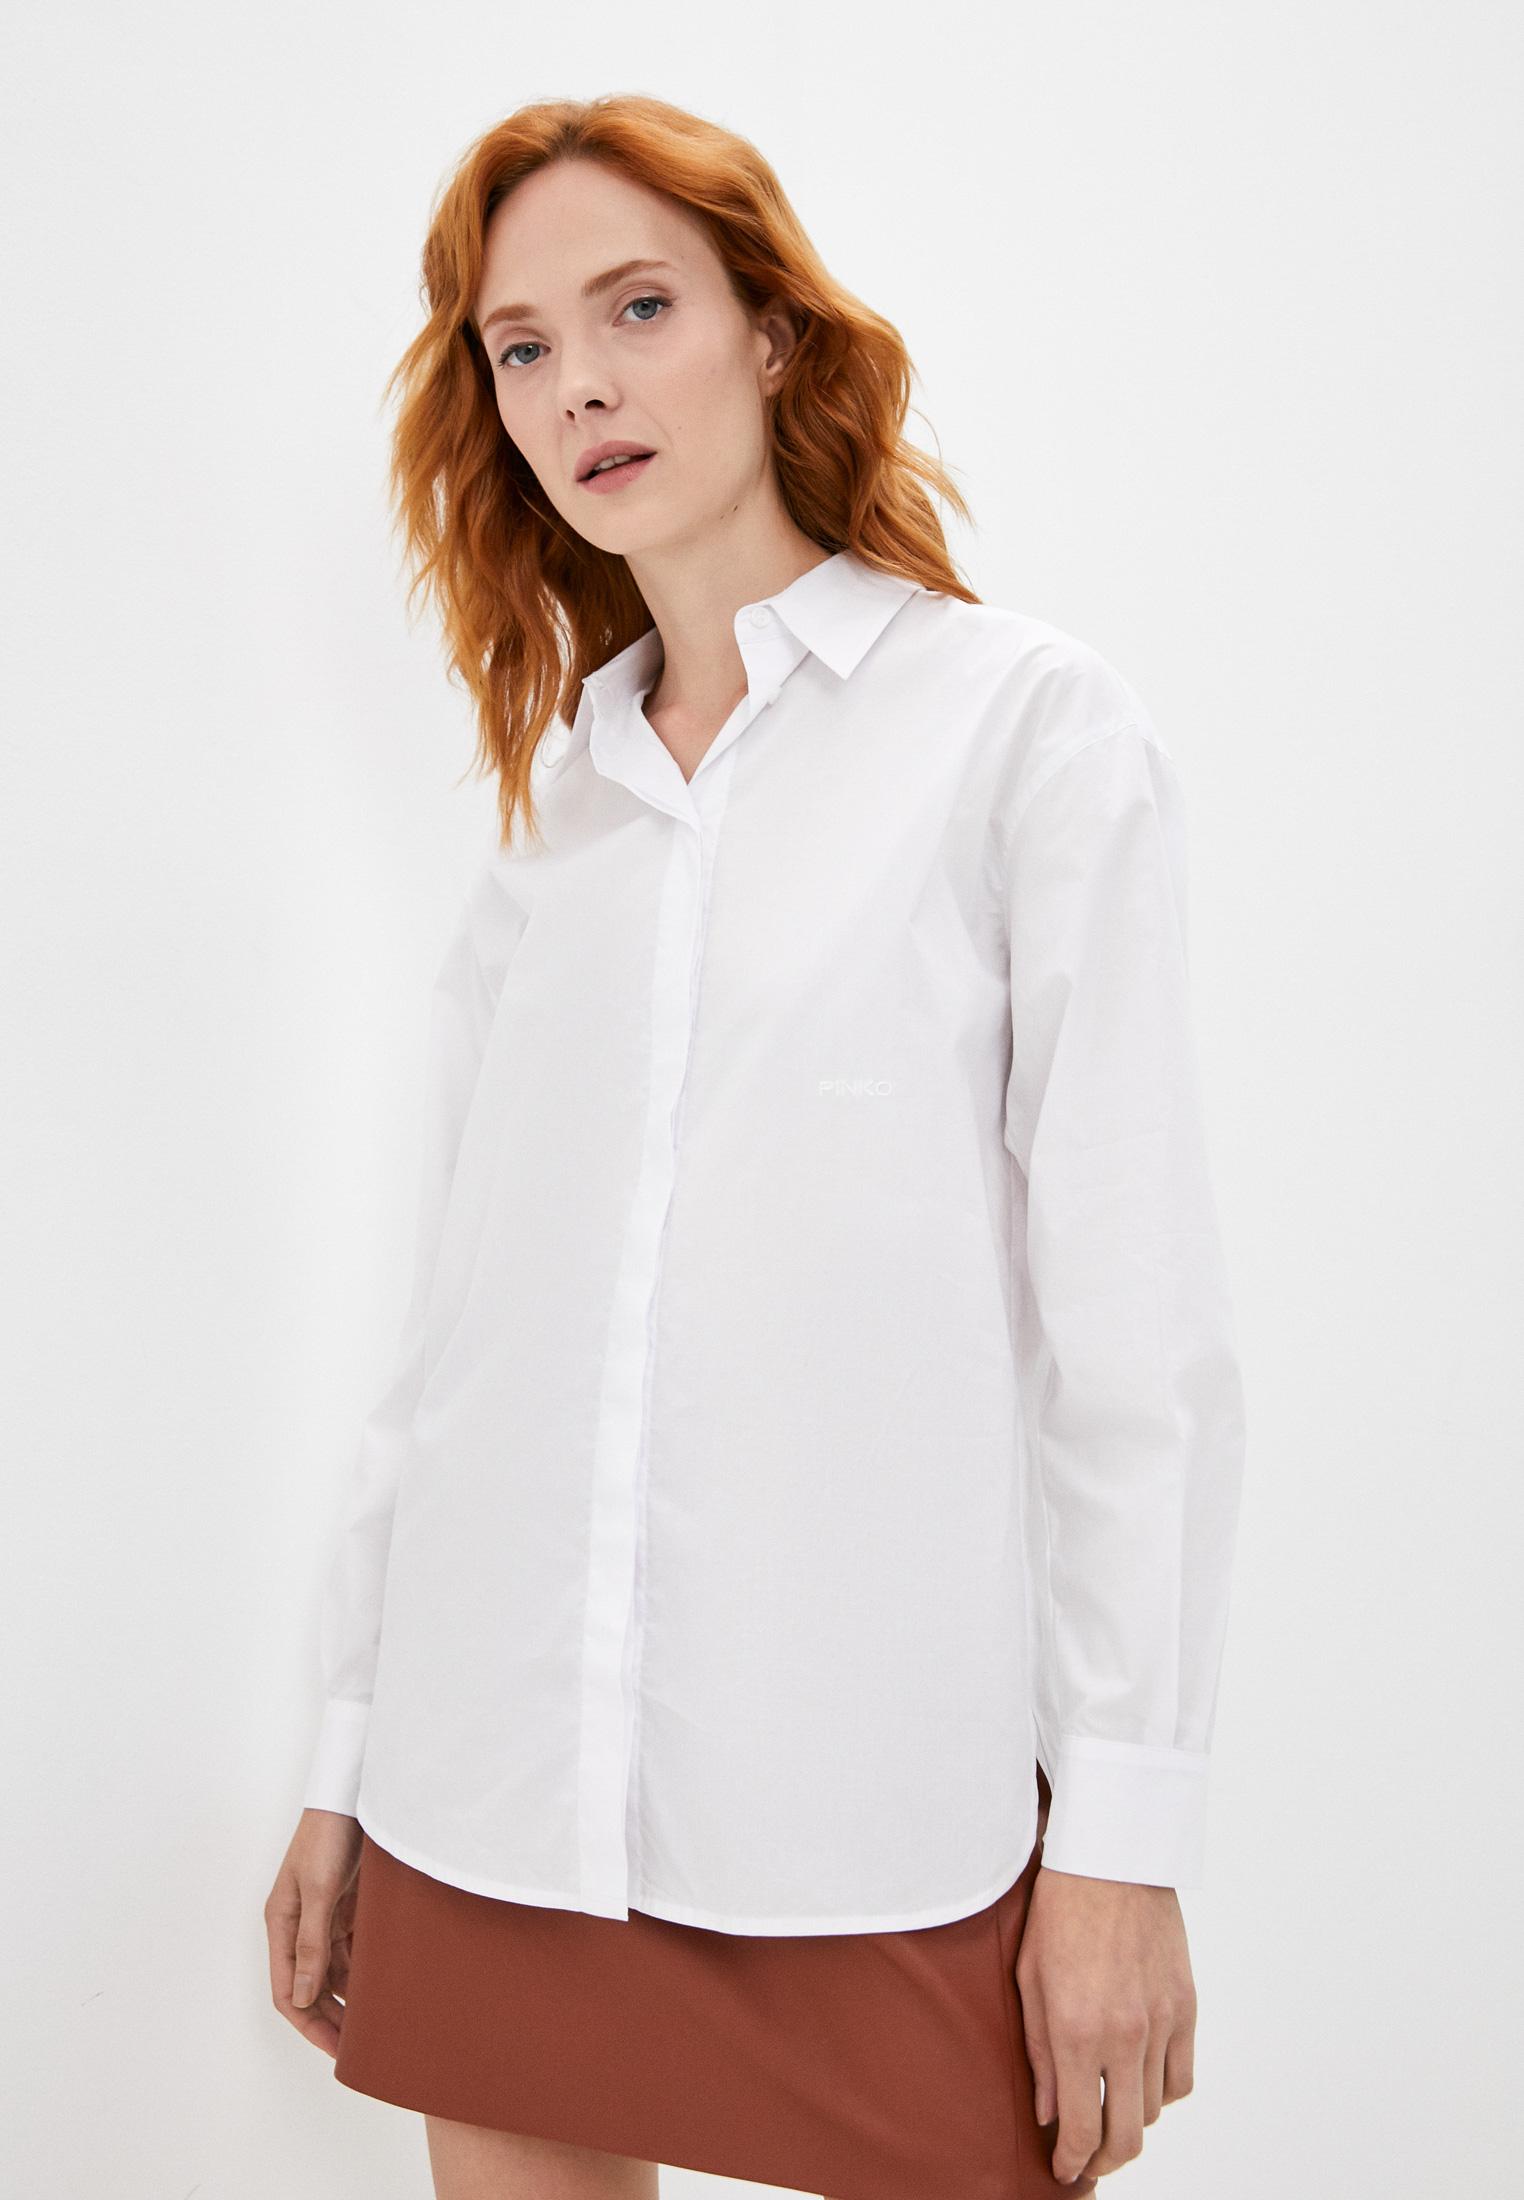 Рубашка Pinko (Пинко) Рубашка Pinko